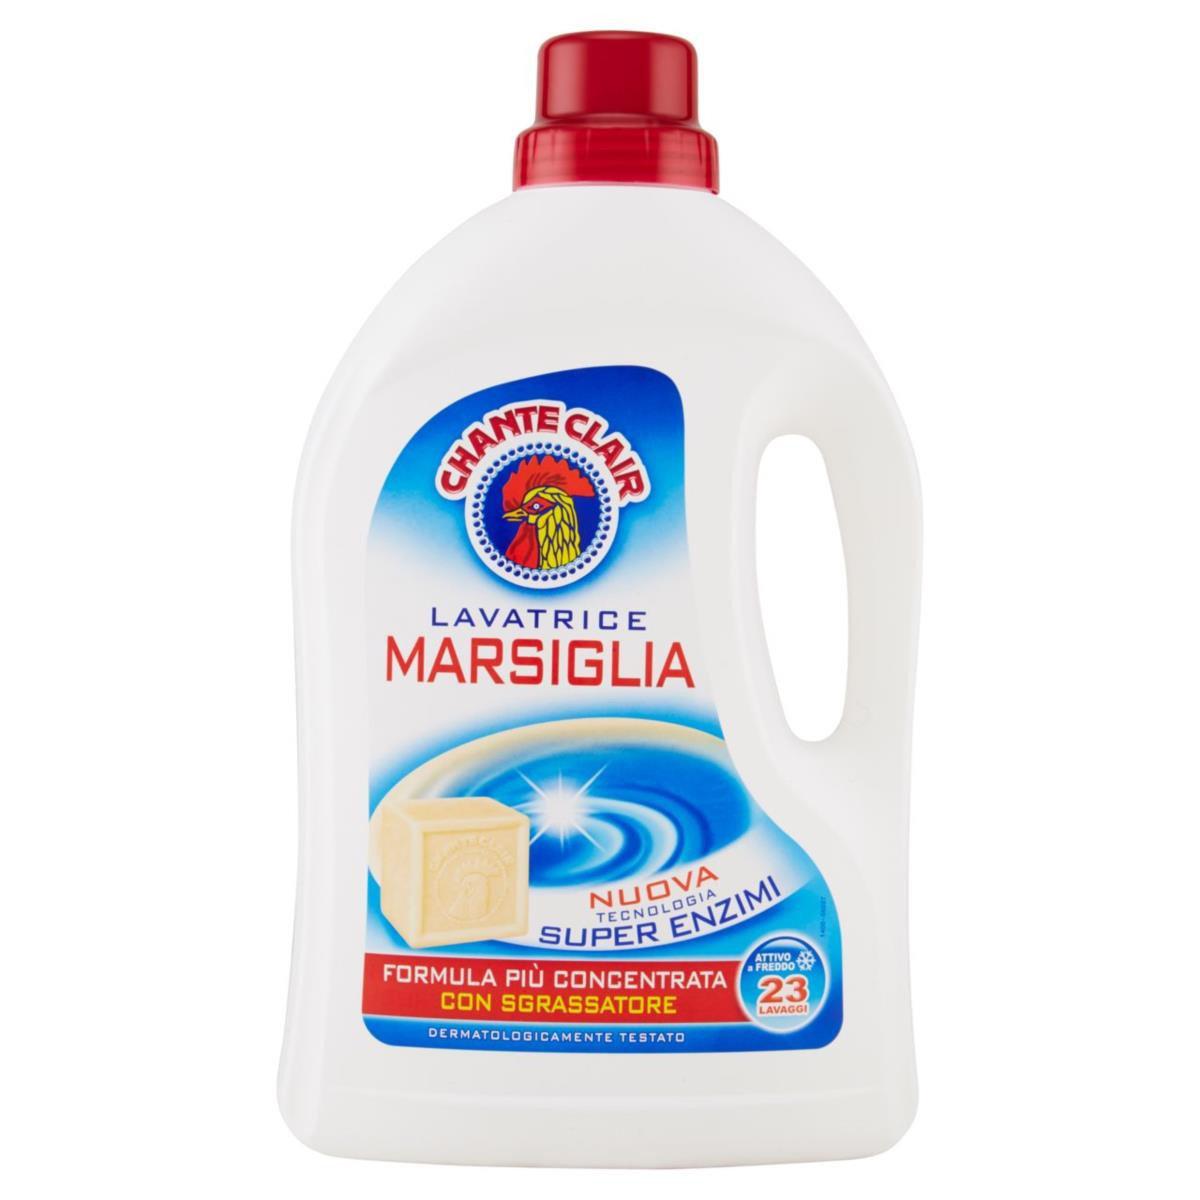 Chanteclair Lavatrice Marsiglia 25 Lavaggi